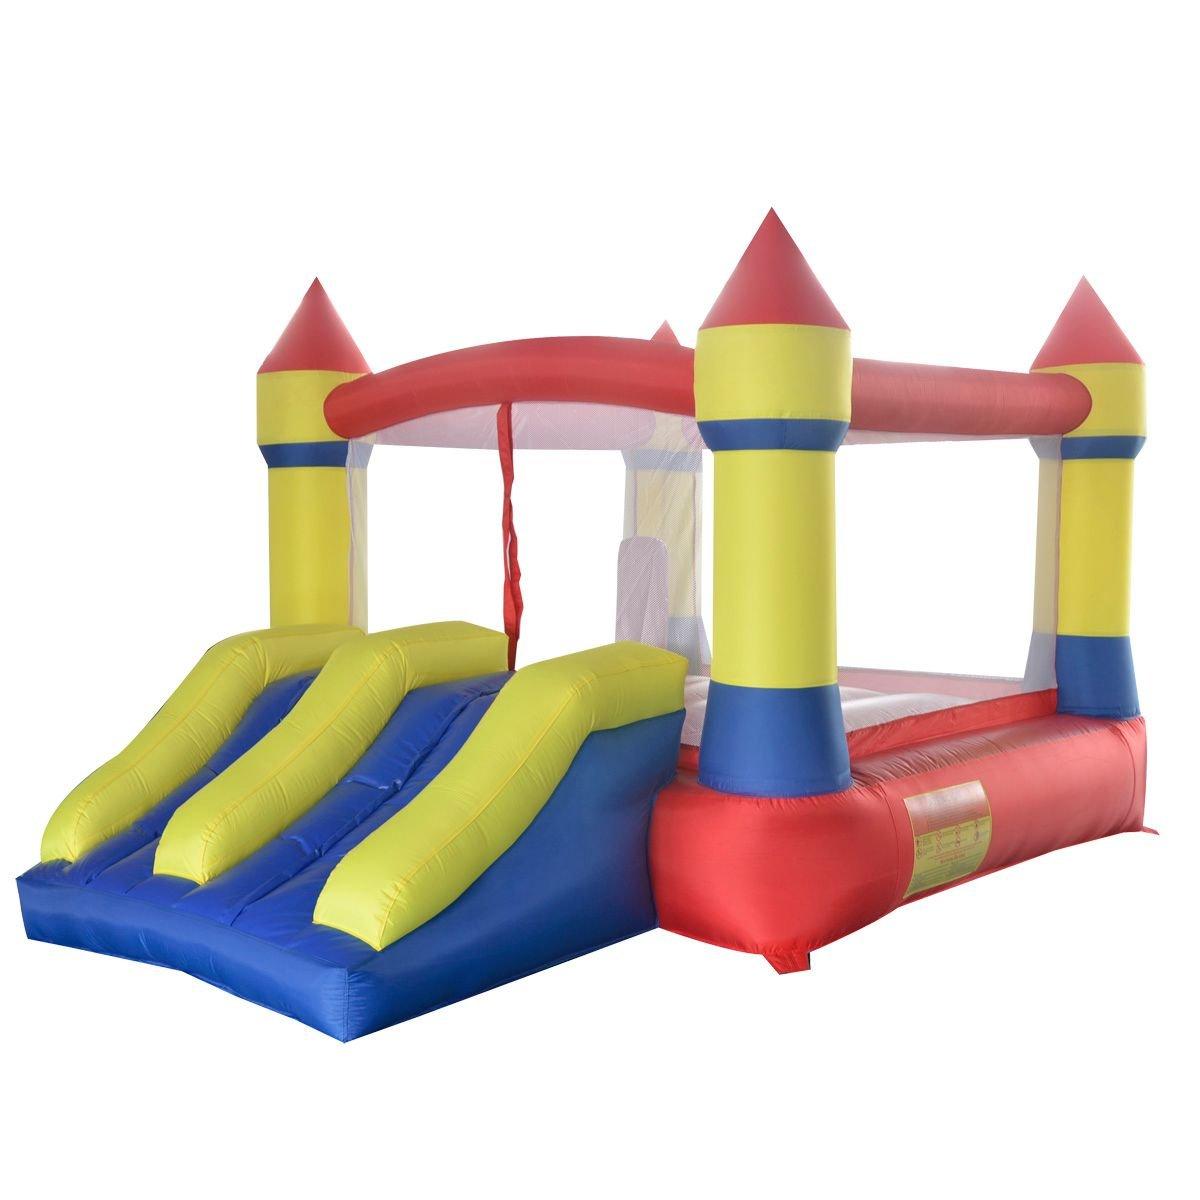 Salto Feliz Mini Castillo Hinchable Mini Zipi Zape con obstaculos ...